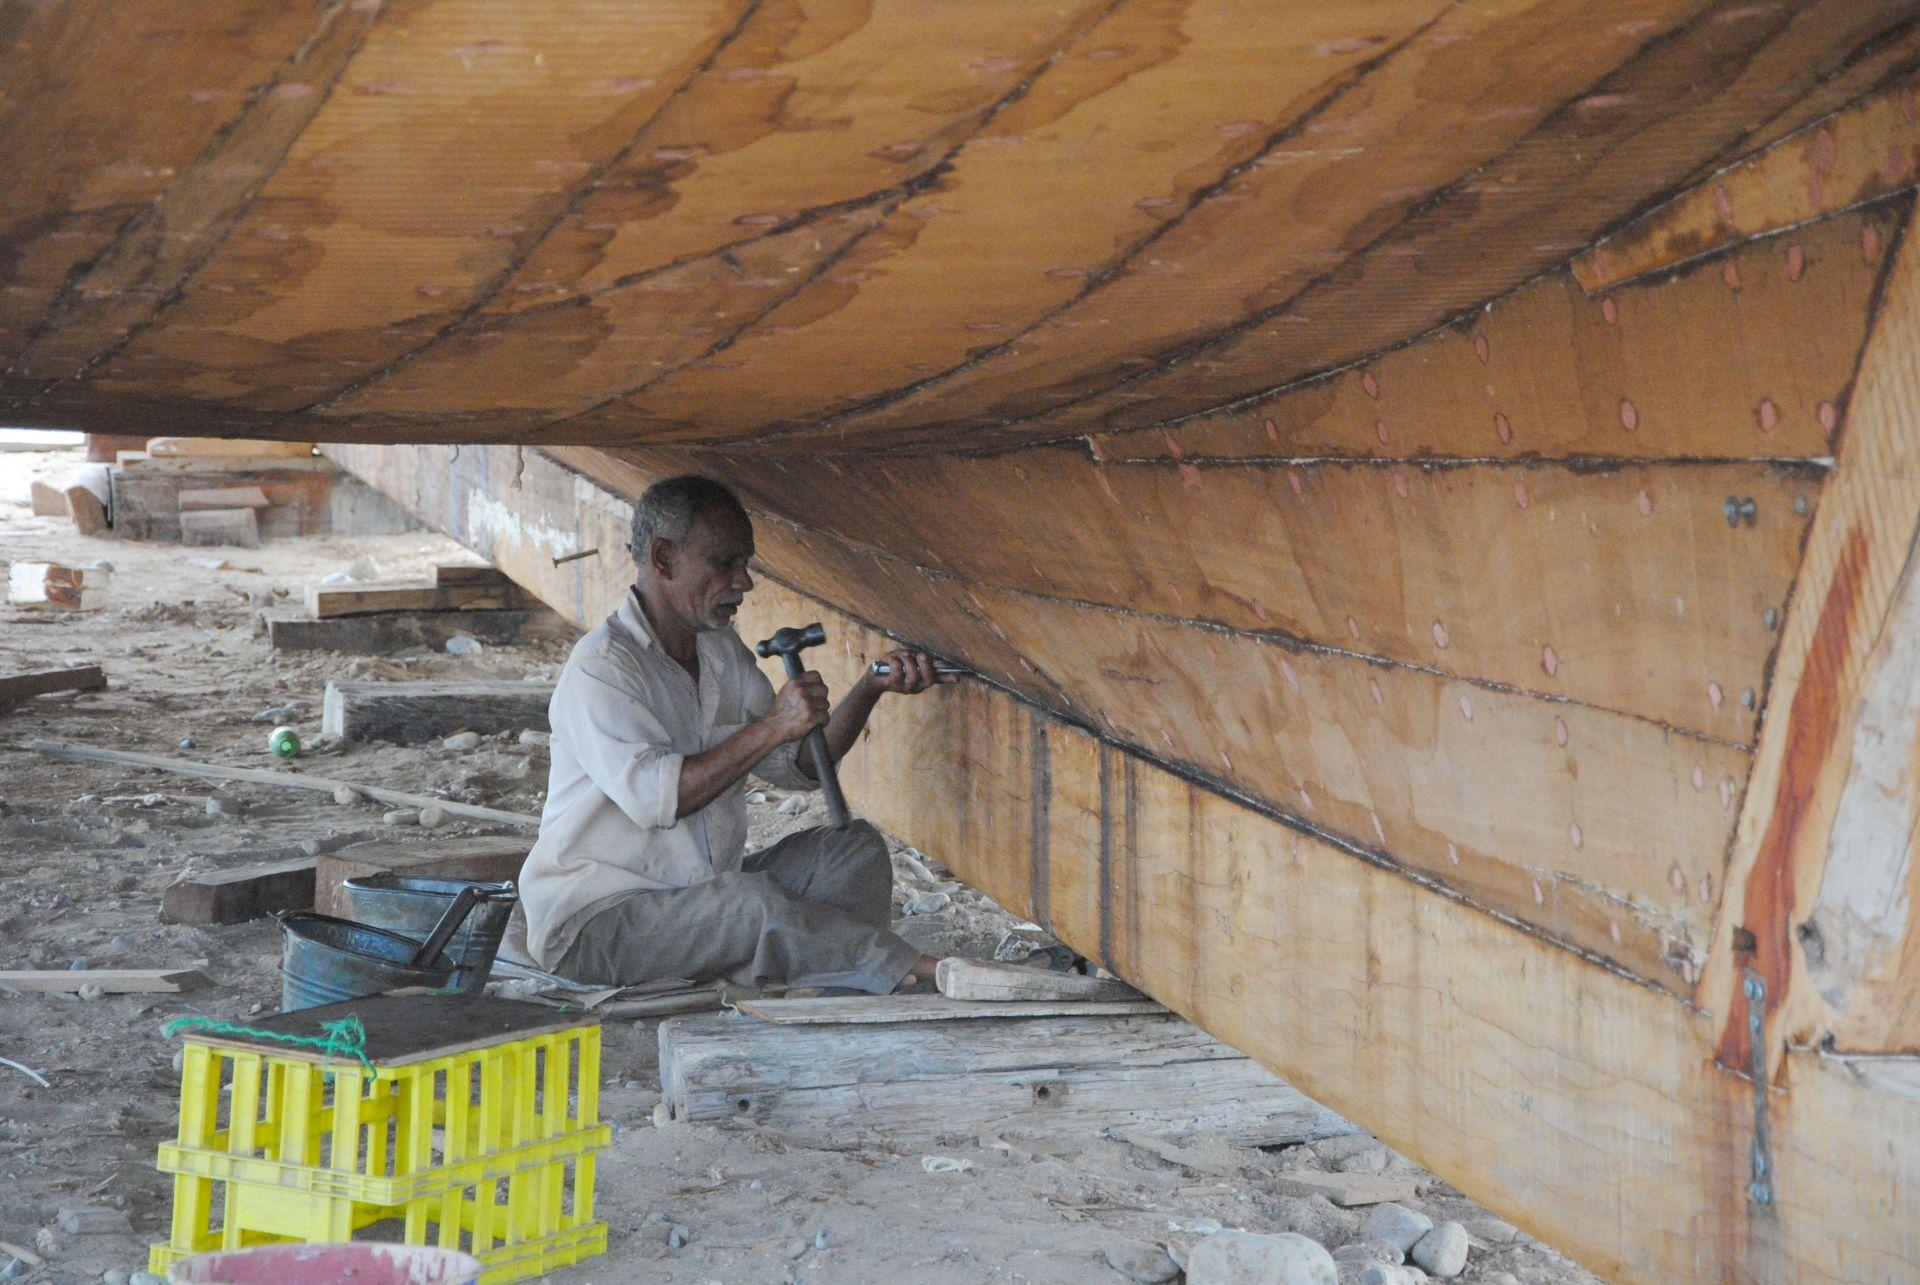 Ein Mann arbeitet am Kiel einer Dhau